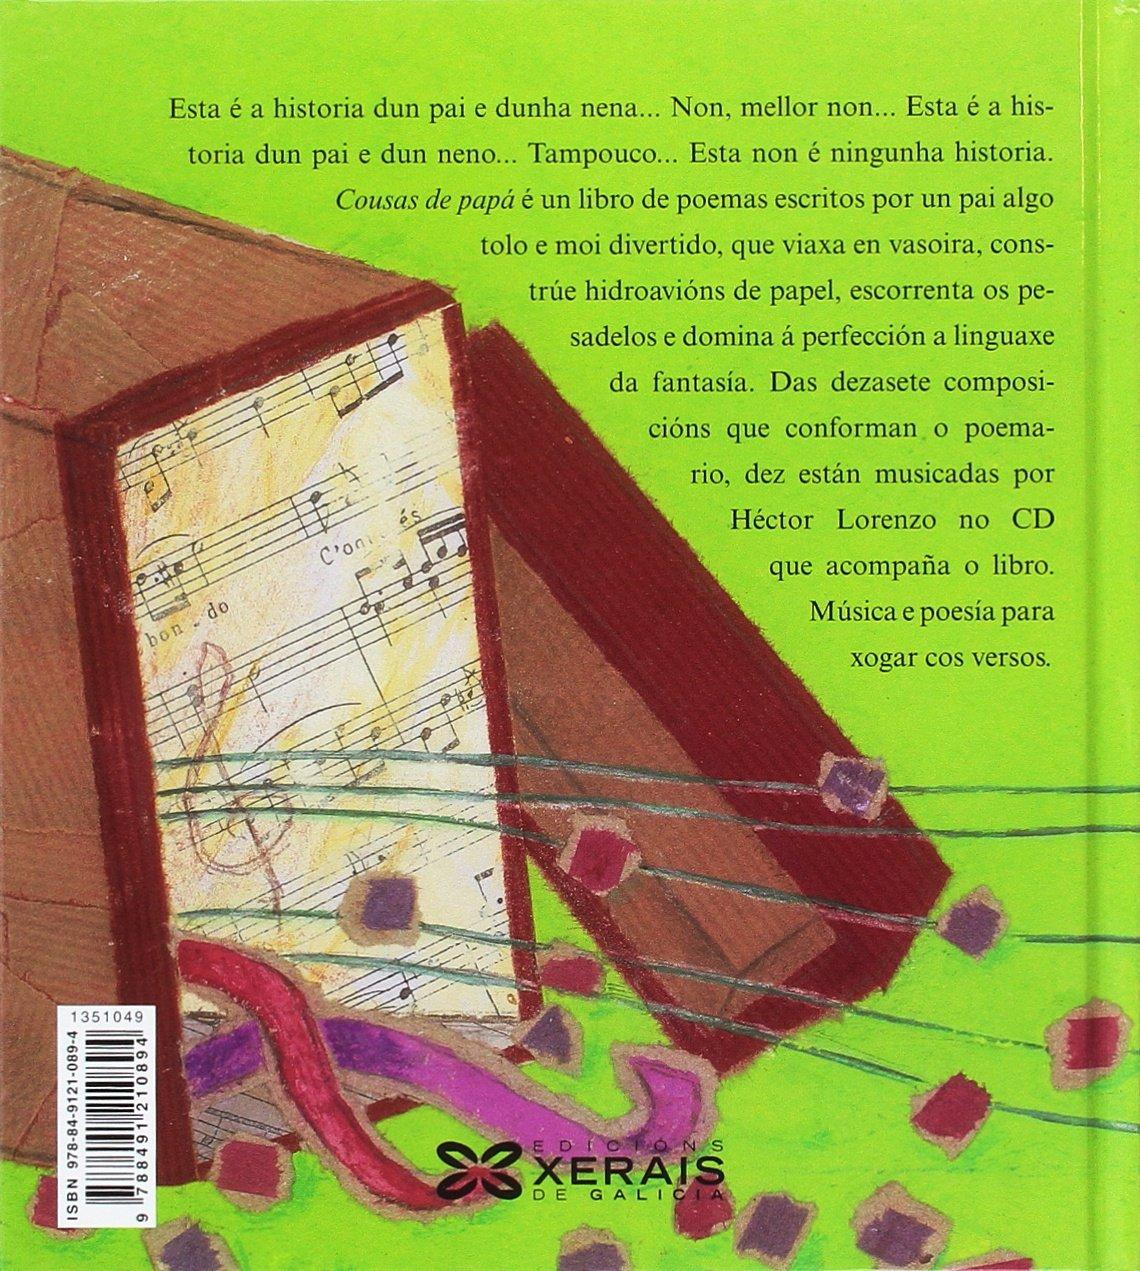 Cousas de papá Infantil E Xuvenil - Pequeno Merlín - Albums: Amazon.es: Gómez Pato, Raúl, Lorenzo Piñeiro, Héctor, Barrio Gutiérrez, Blanca: Libros